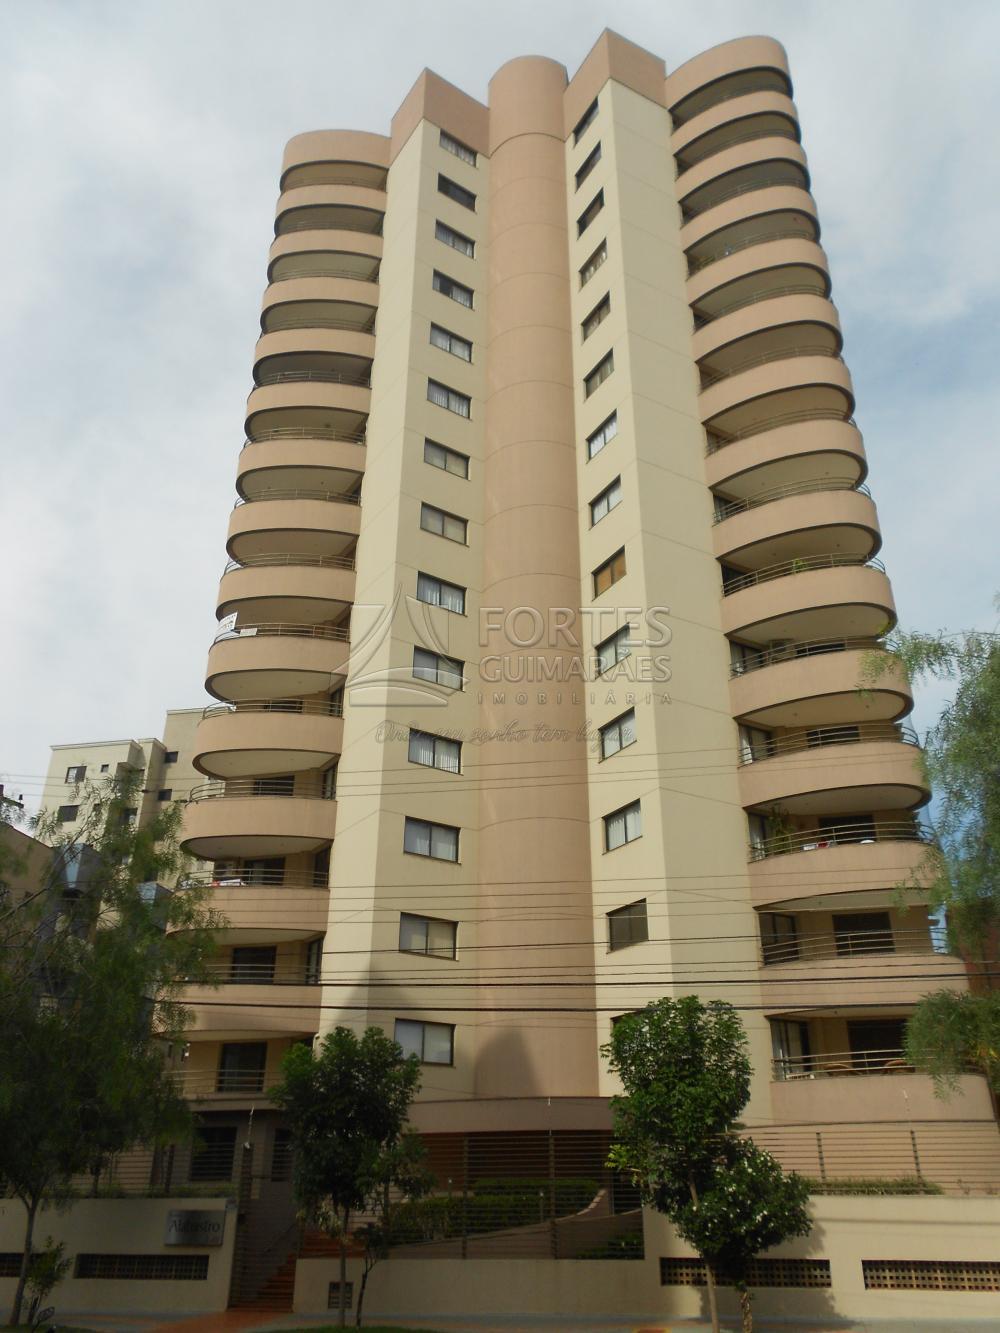 Alugar Apartamentos / Padrão em Ribeirão Preto apenas R$ 1.300,00 - Foto 50